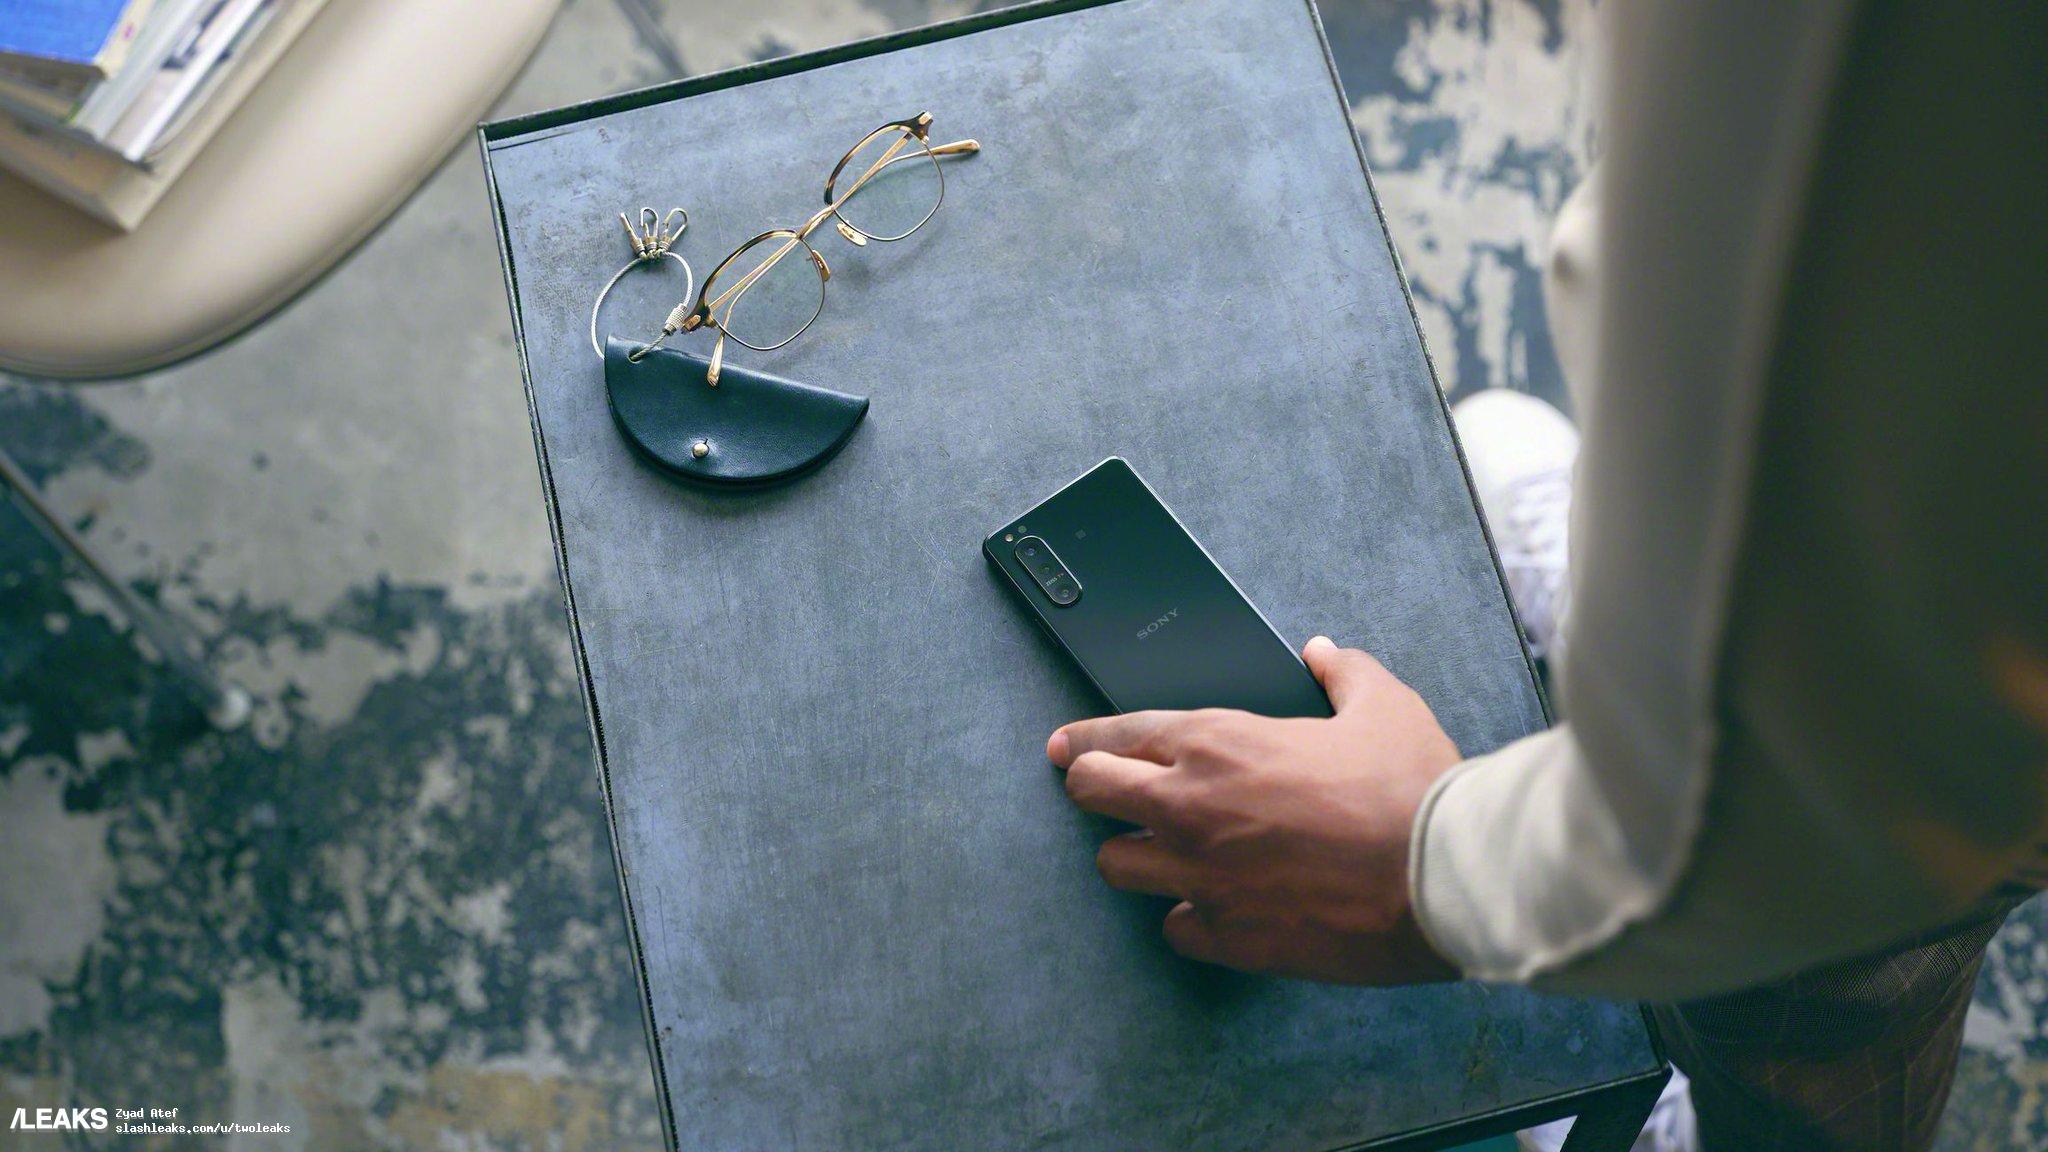 Tutto (o quasi) su Sony Xperia 5 II: Snapdragon 865, display a 120 Hz e tanta attenzione alla fotografia (video)